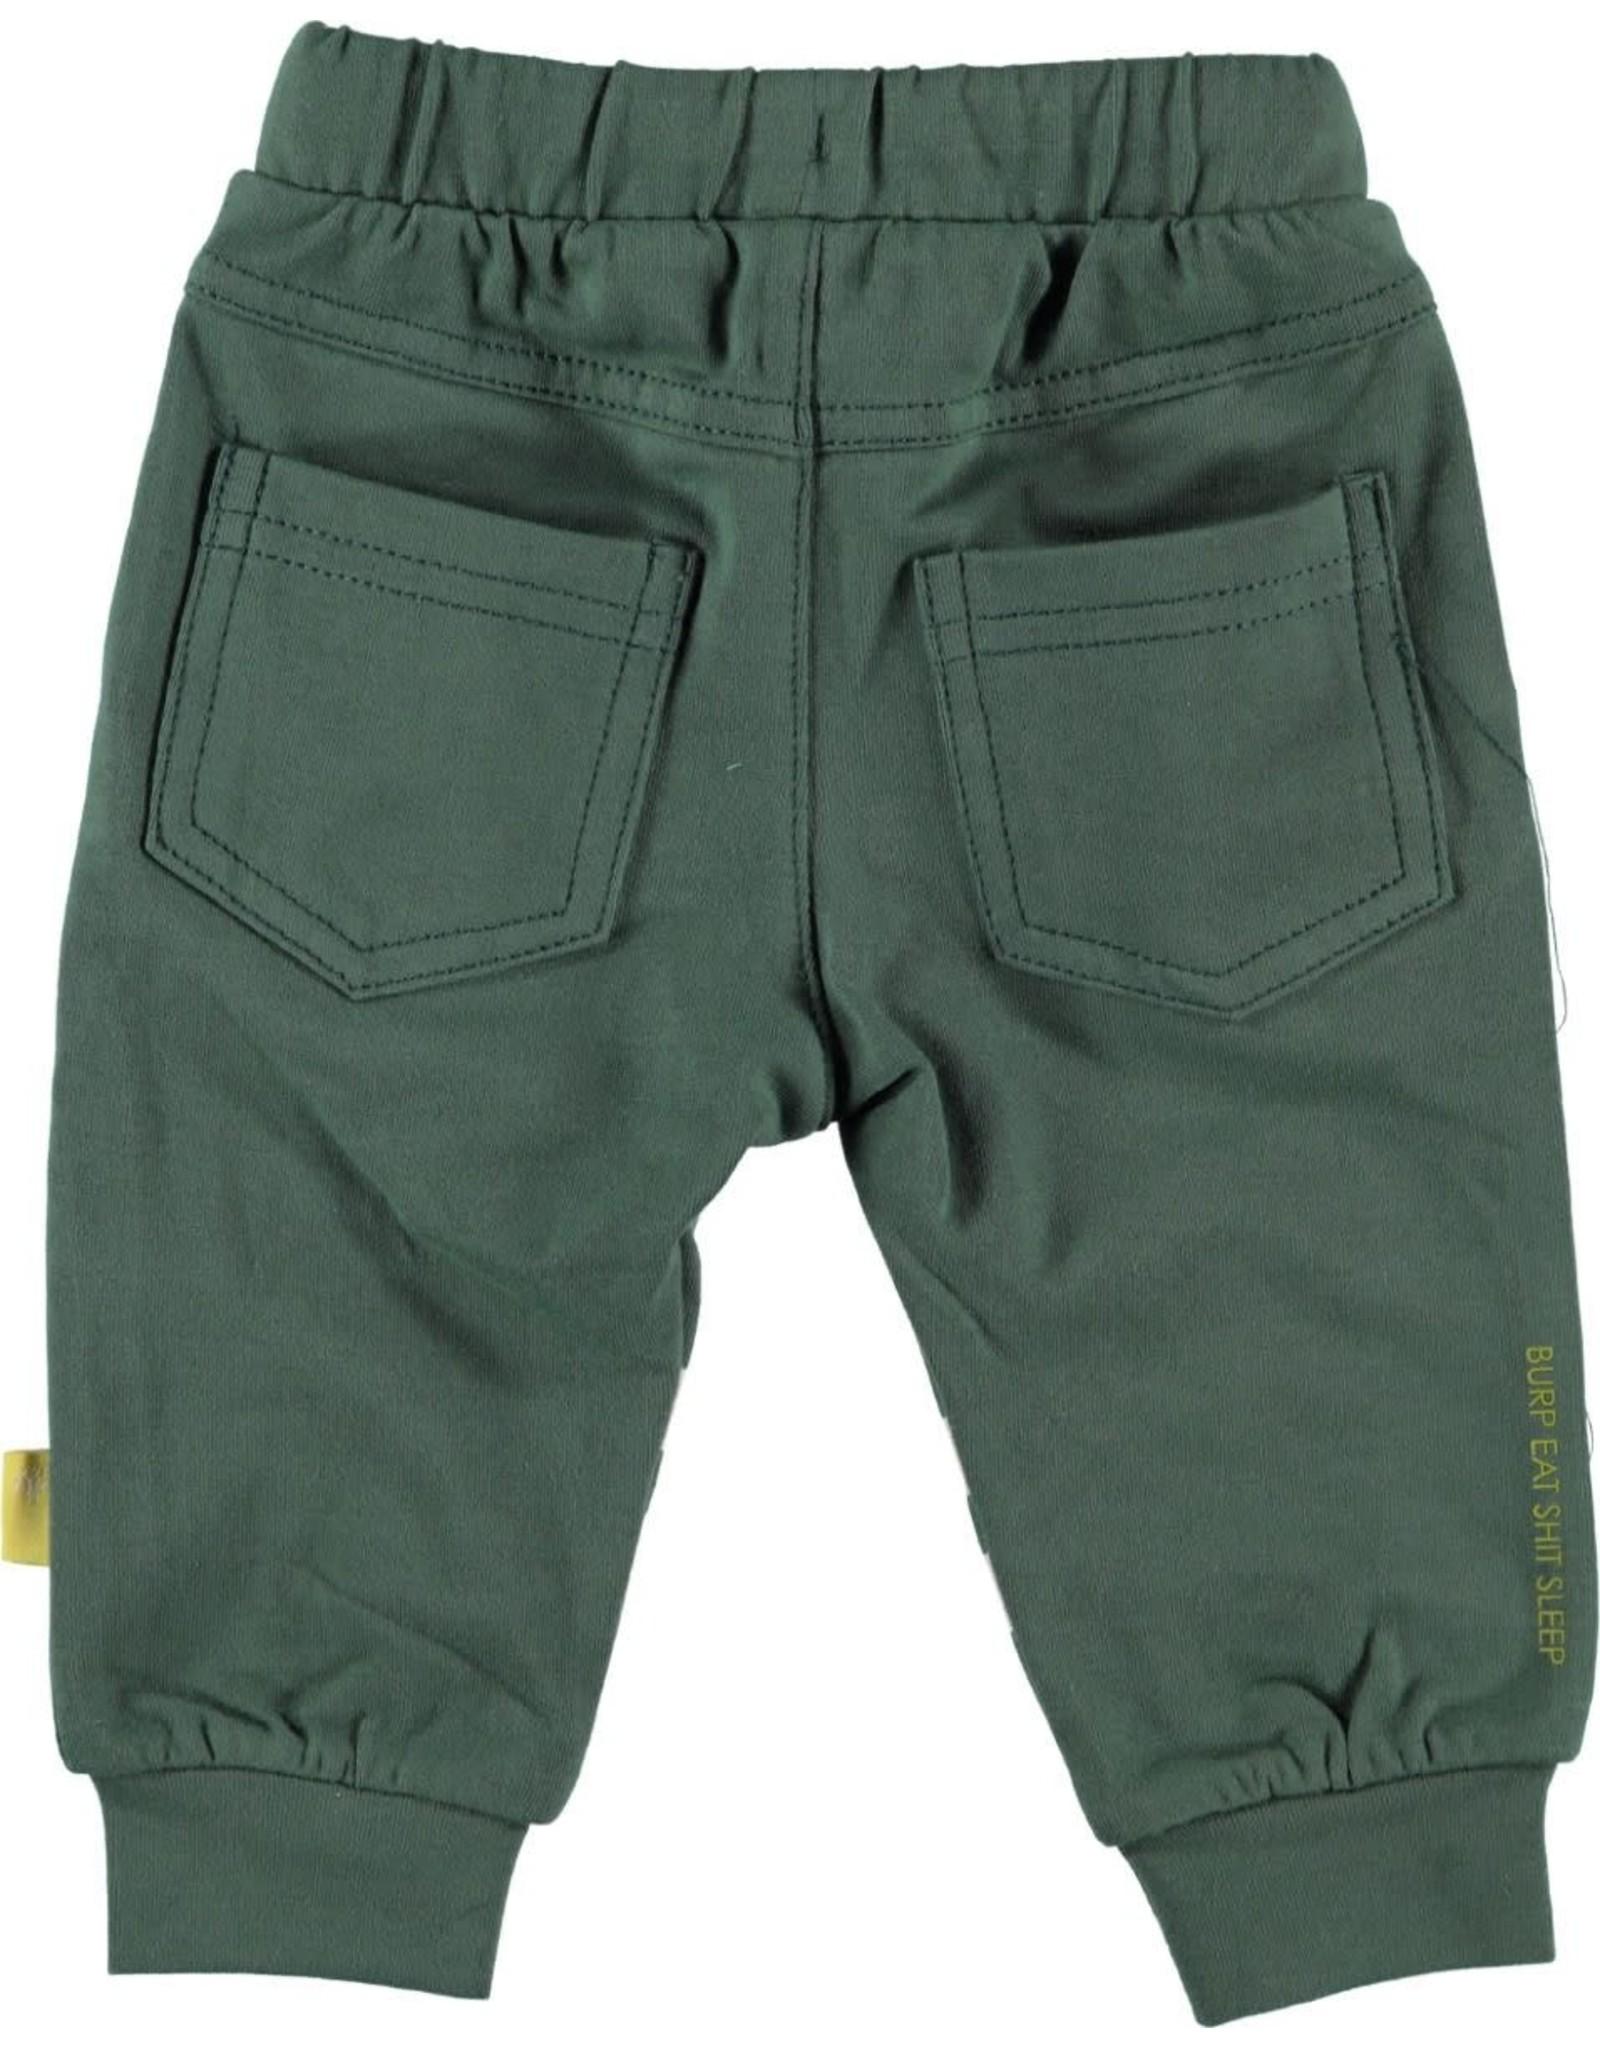 B*E*S*S 21084 Pants